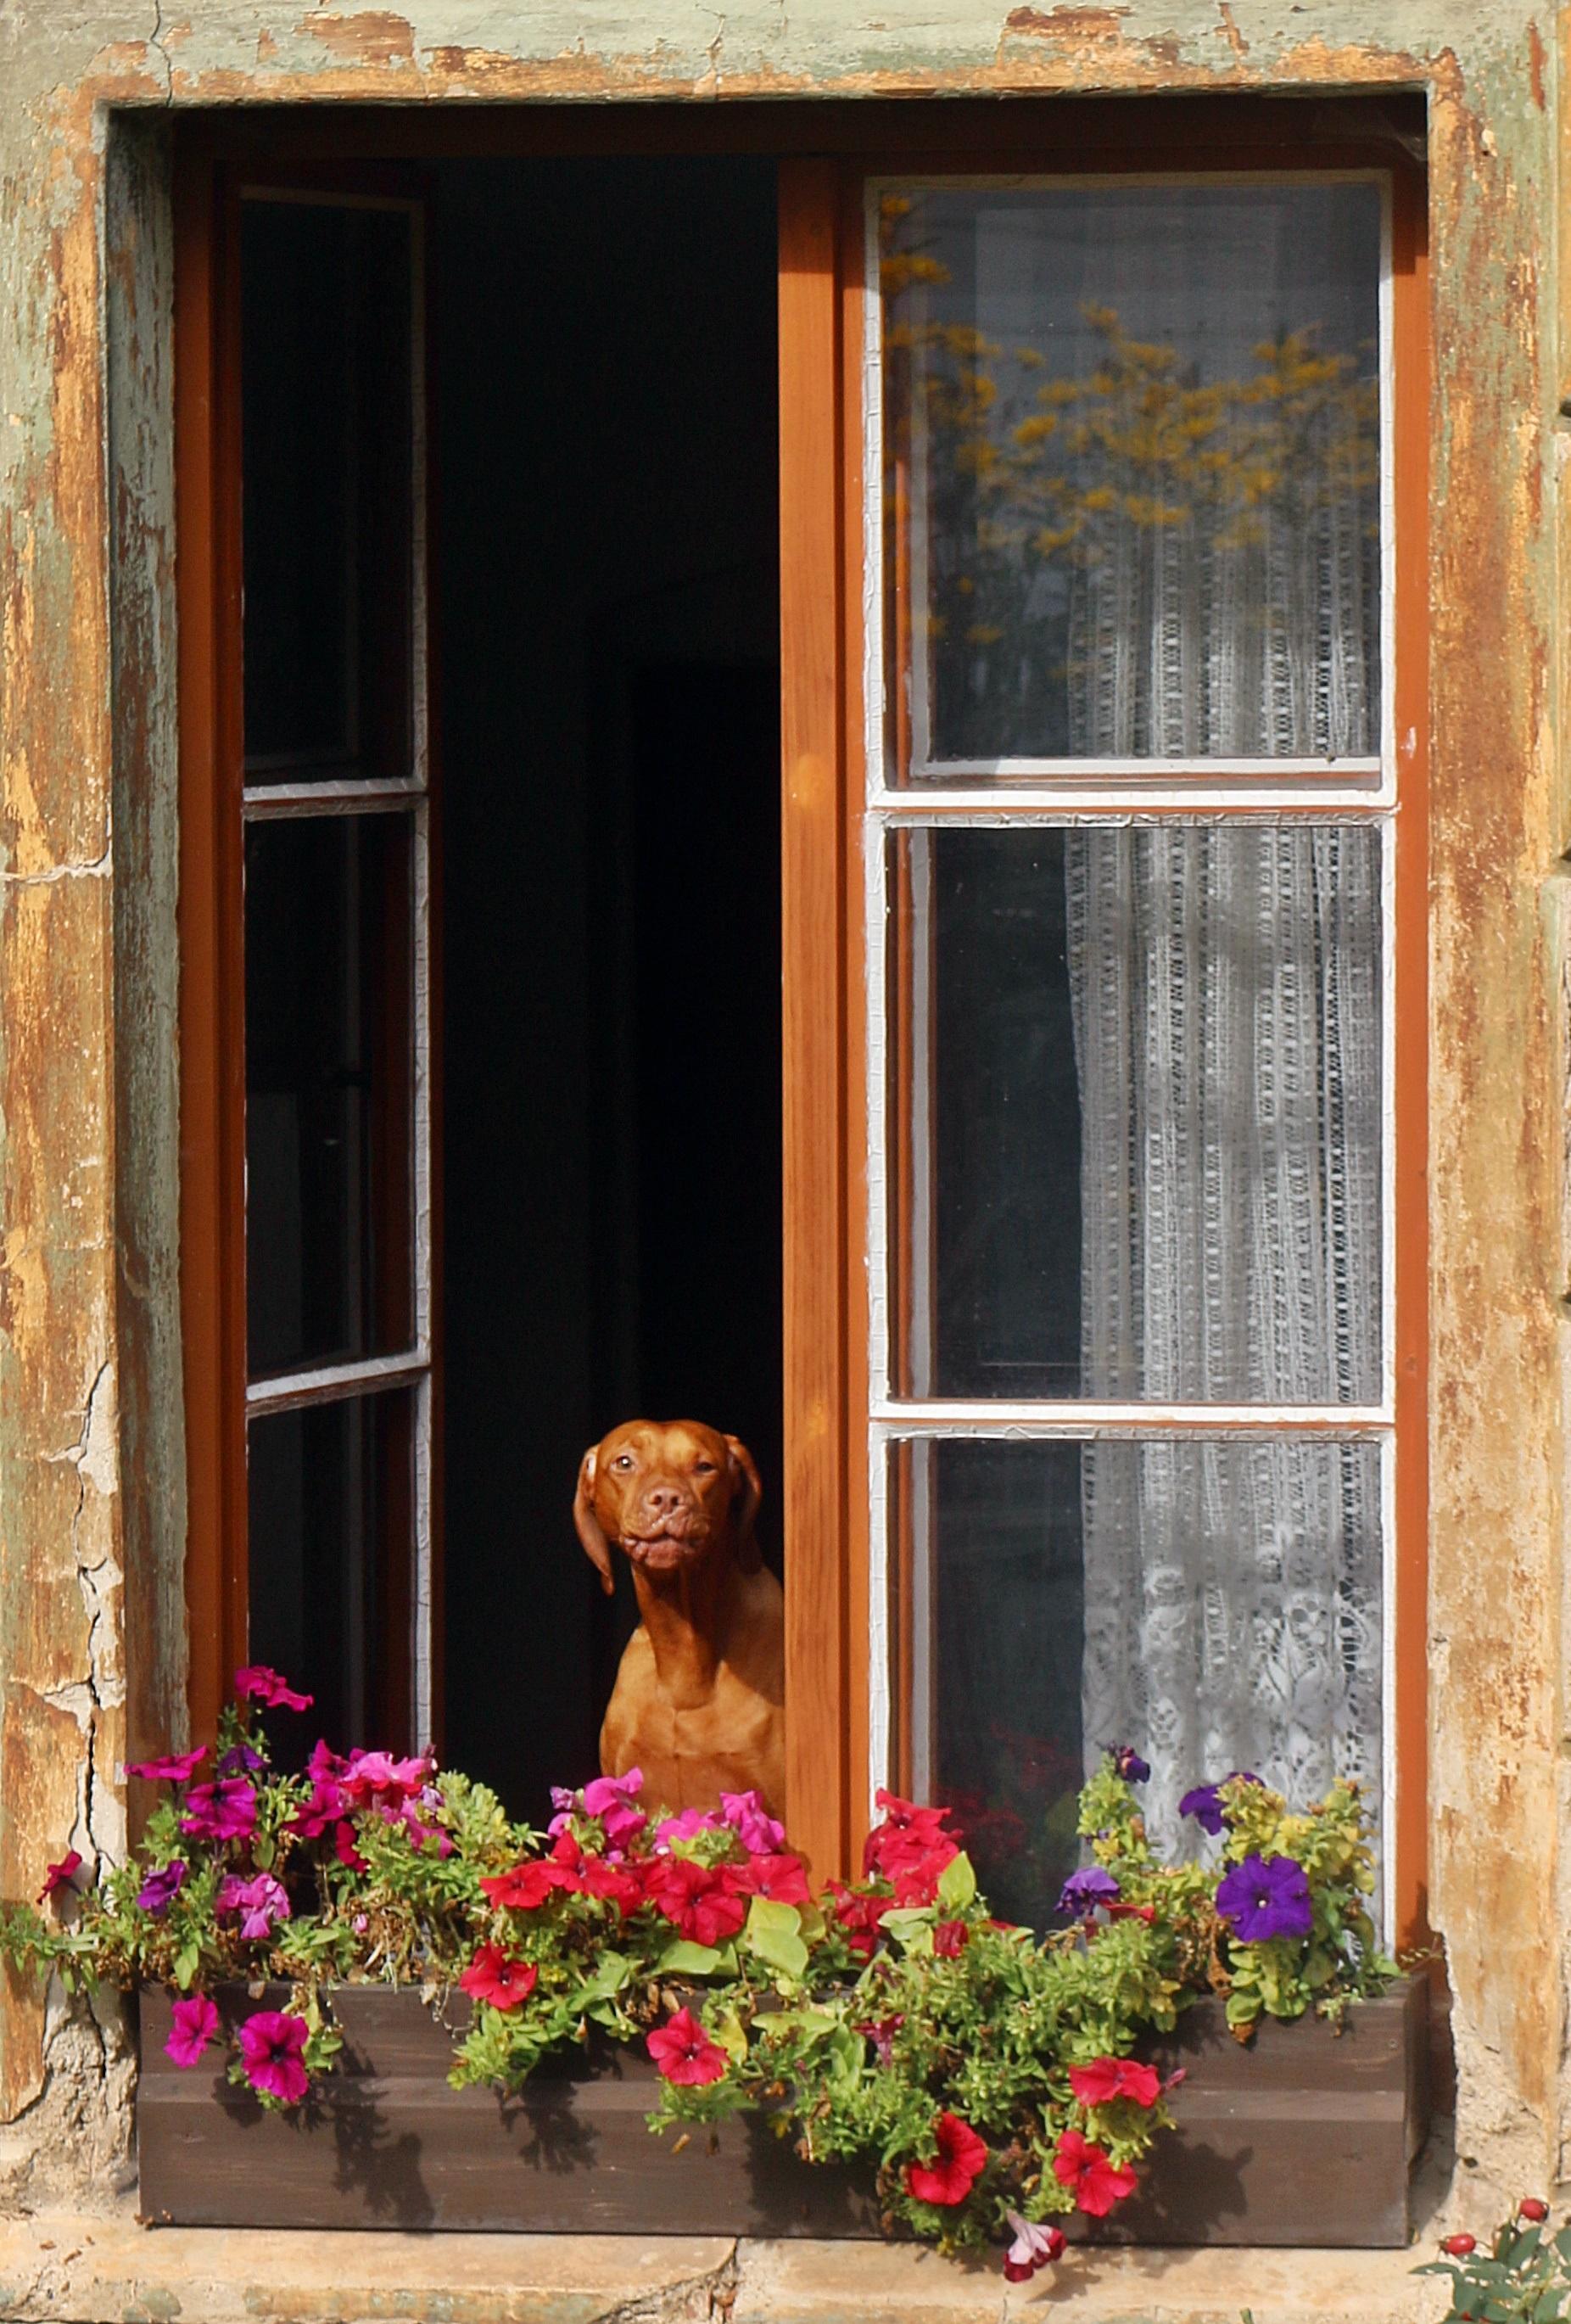 images gratuites bois maison cabanon porche balcon chalet arri re cour fa ade porte. Black Bedroom Furniture Sets. Home Design Ideas